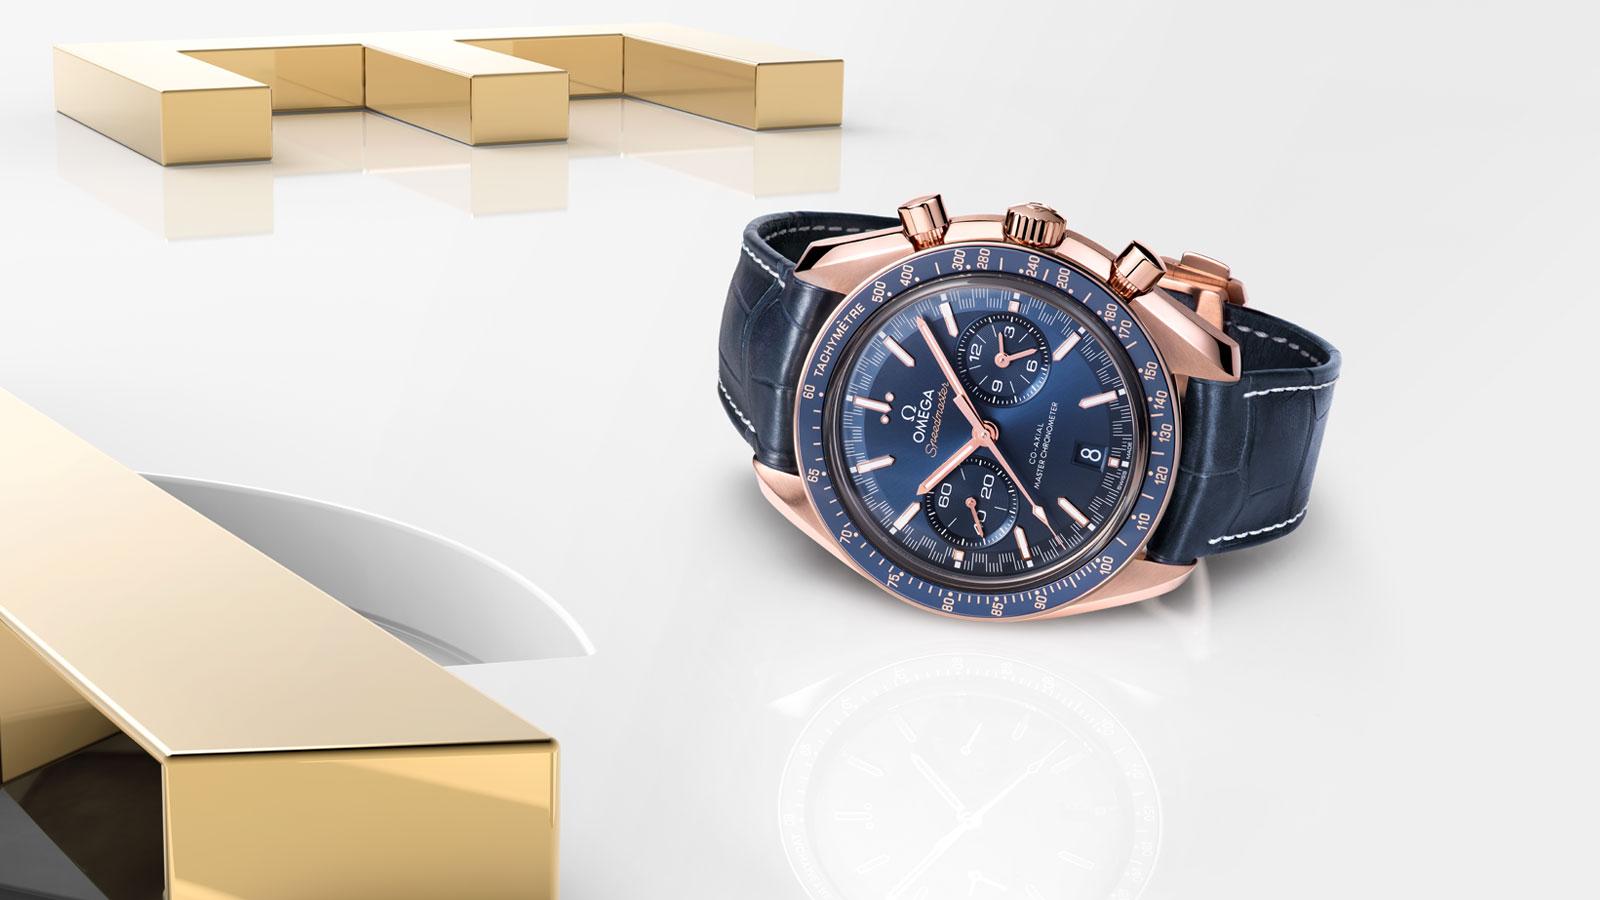 baselworld-2017-omega-speedmaster-racing-master-chronometer-1-lauren-blog.jpg